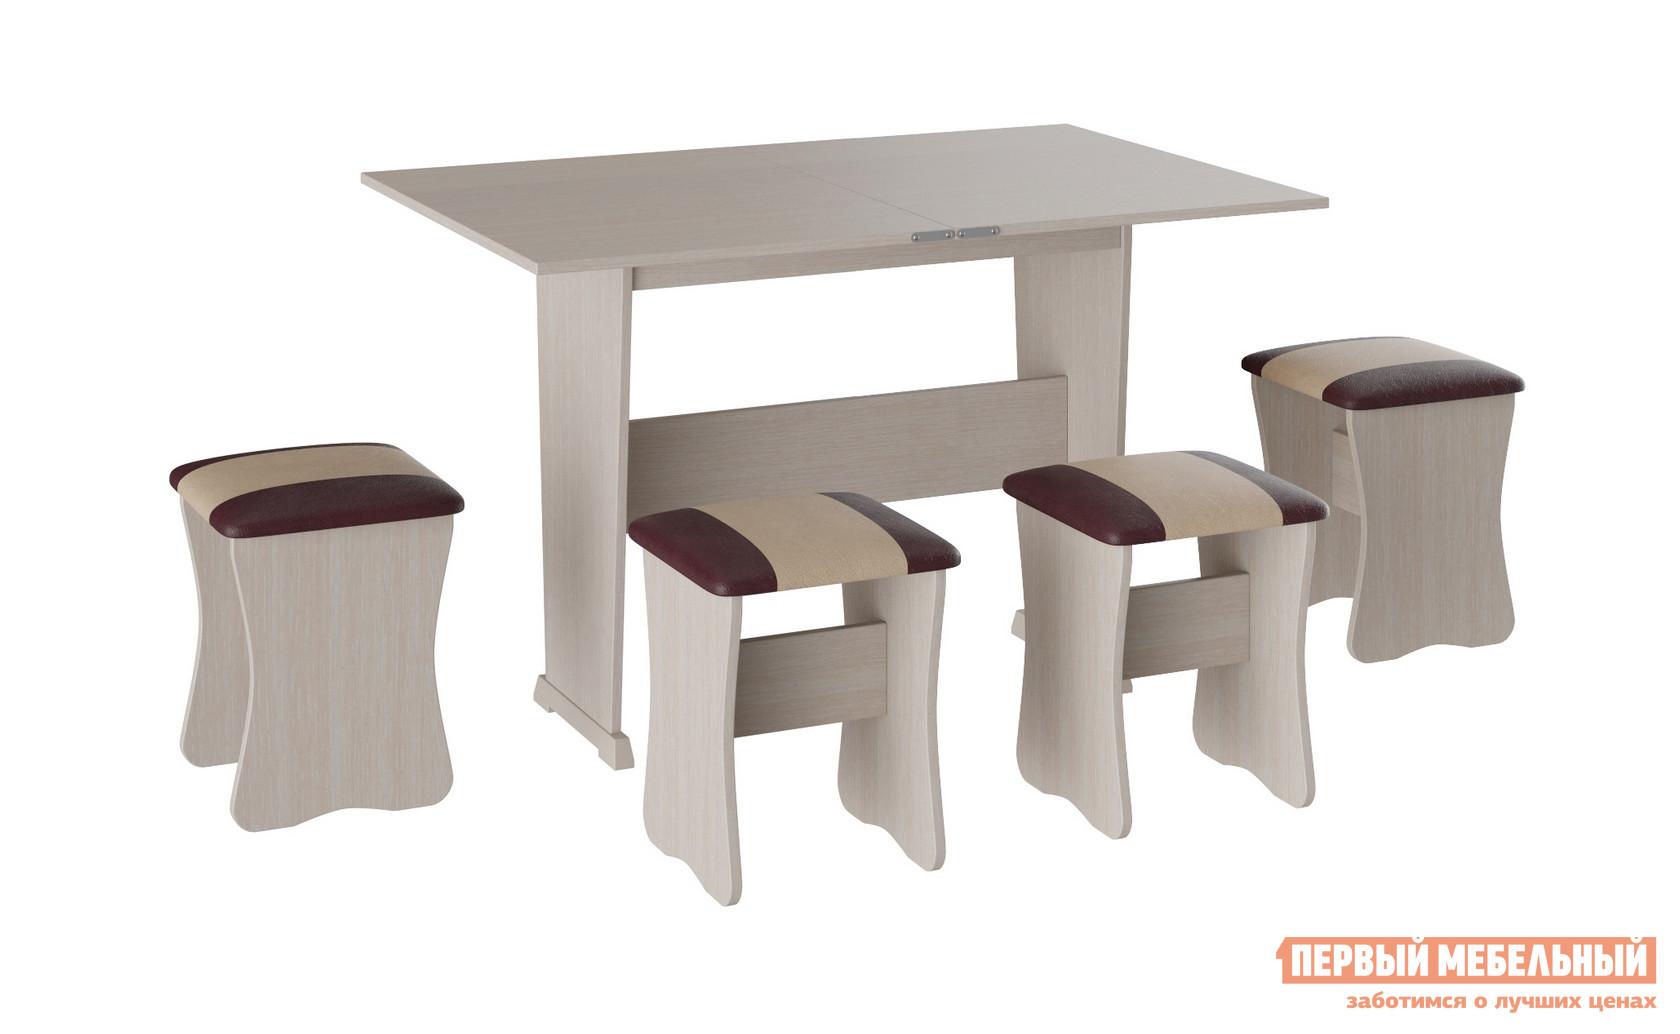 Обеденная группа для кухни Первый Мебельный Обеденная группа Рум 3